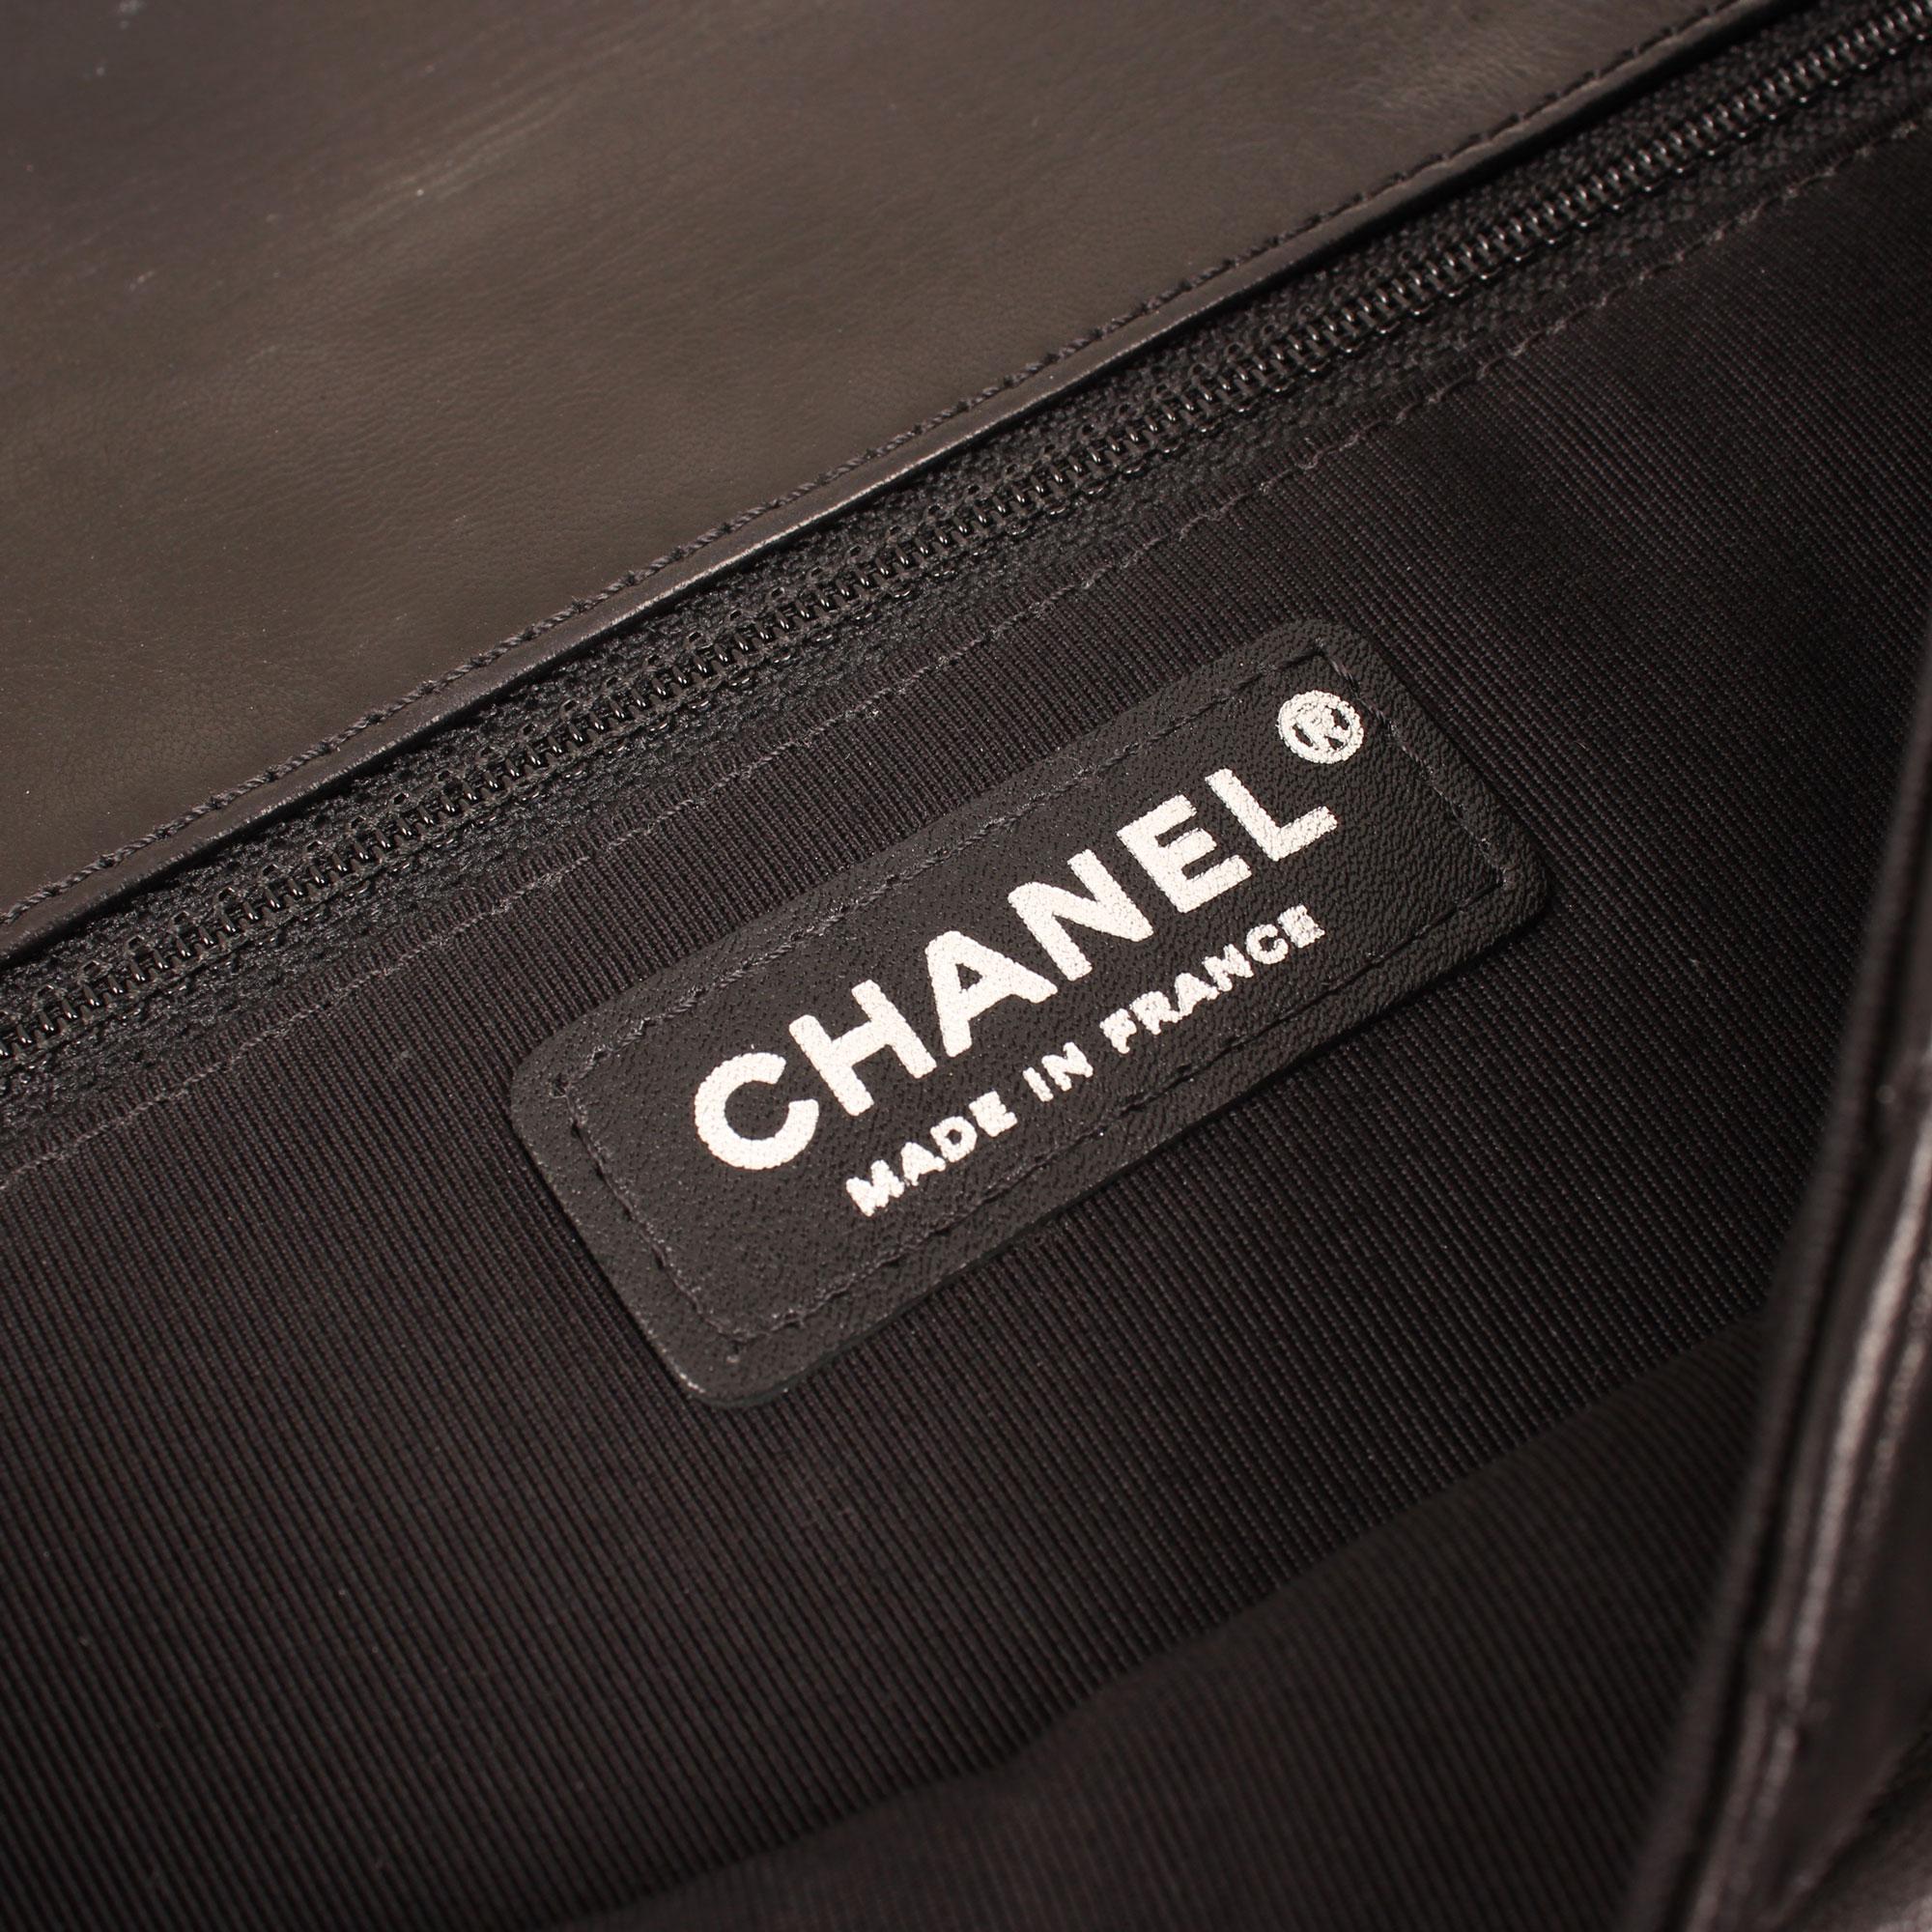 bolso-chanel-hula-hopp-negro-marca